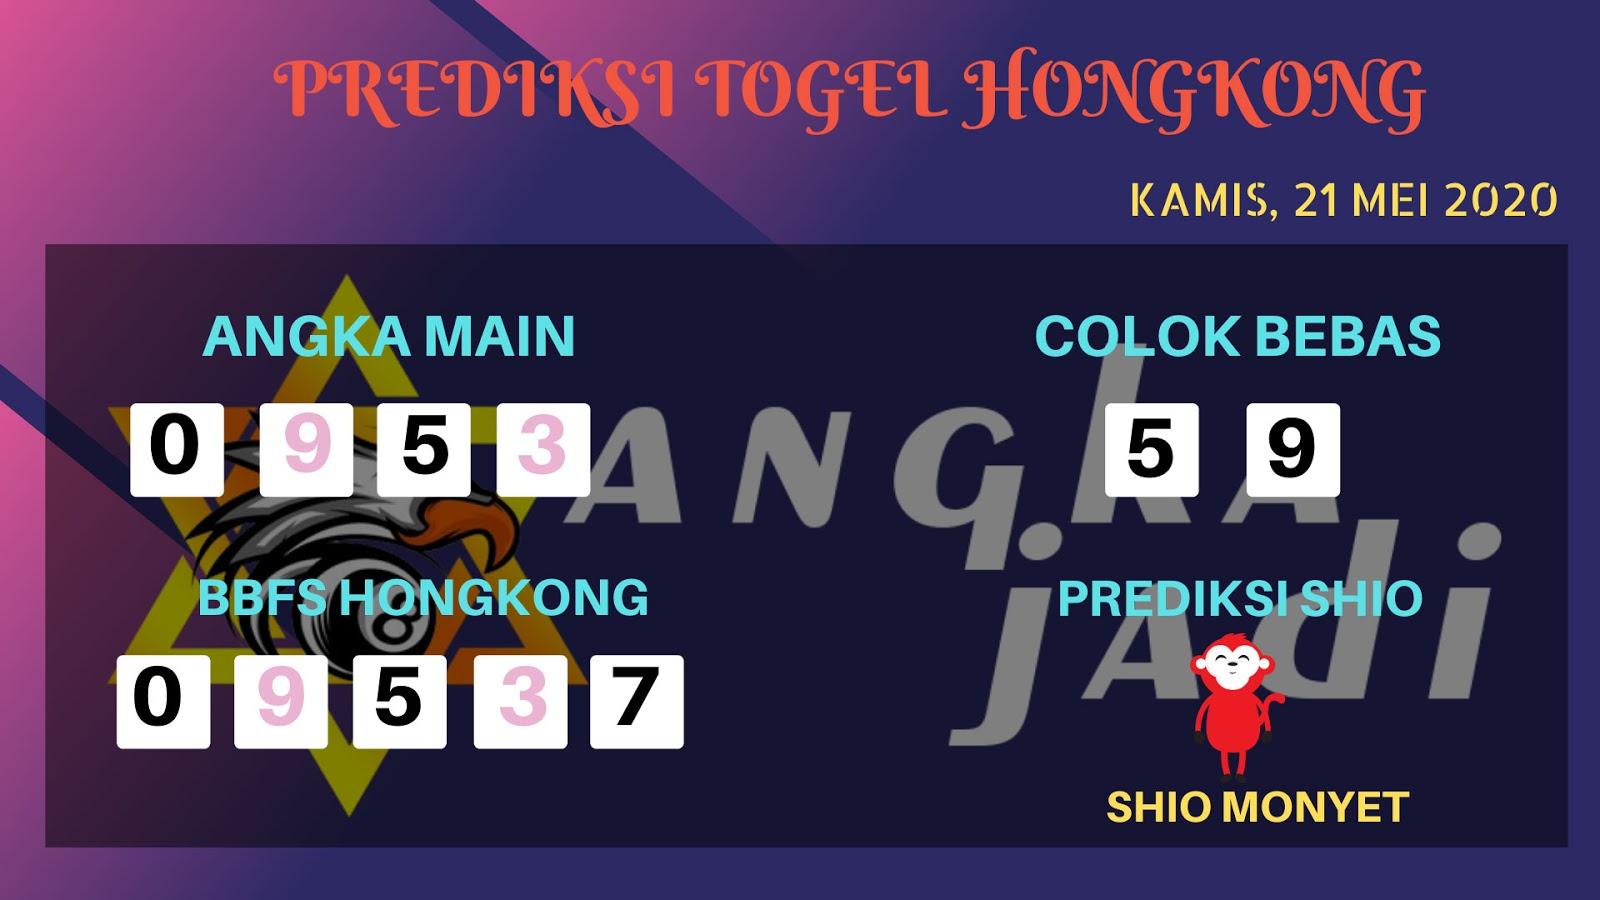 Prediksi Togel Hongkong Kamis 21 Mei 2020 - Bocoran HK